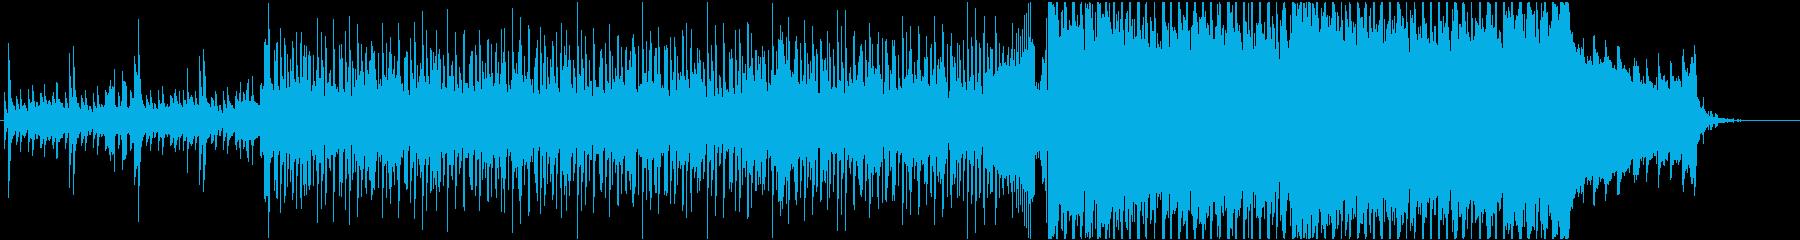 革新的 未来に繋がっていくようなCM曲の再生済みの波形